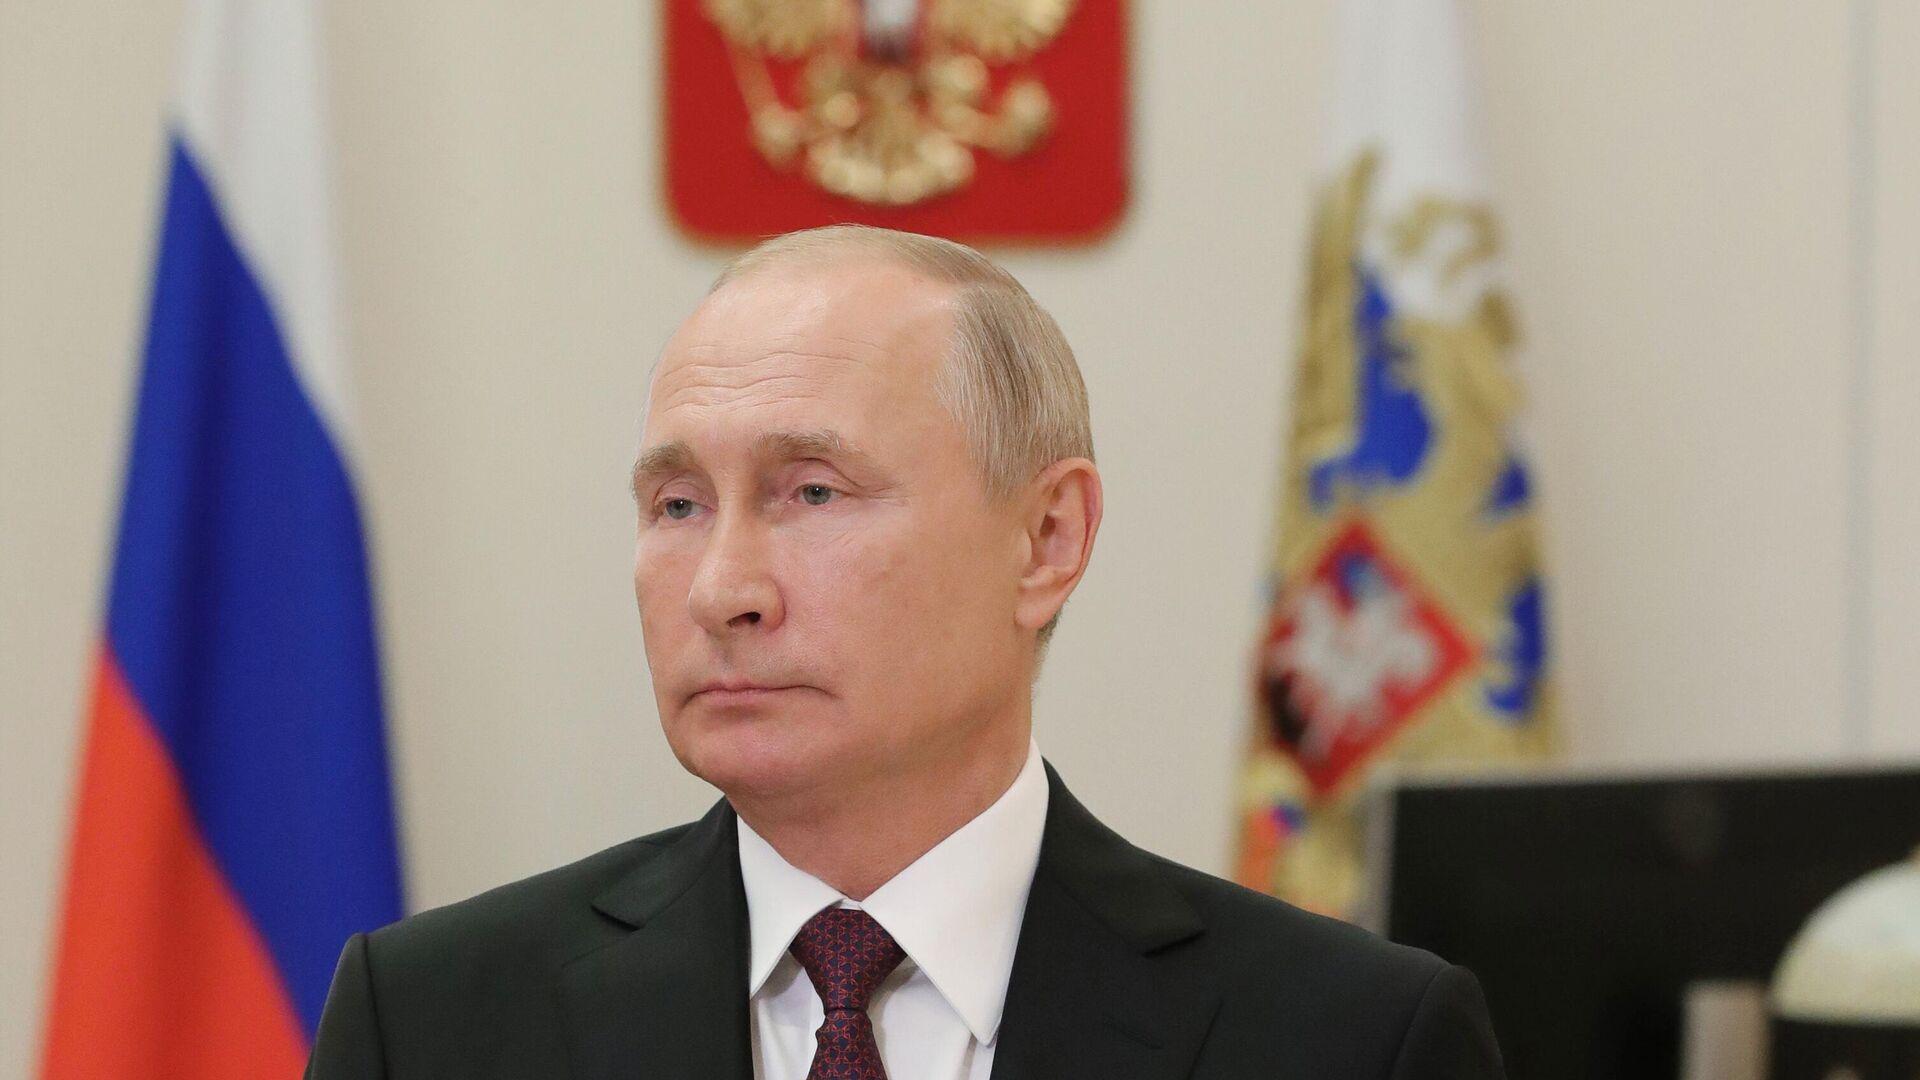 1577867745 0:353:3013:2048 1920x0 80 0 0 f8c0cb4dc6e5815f8f53cccc14b898eb - Стали известны детали разговора Путина с новым премьером Японии